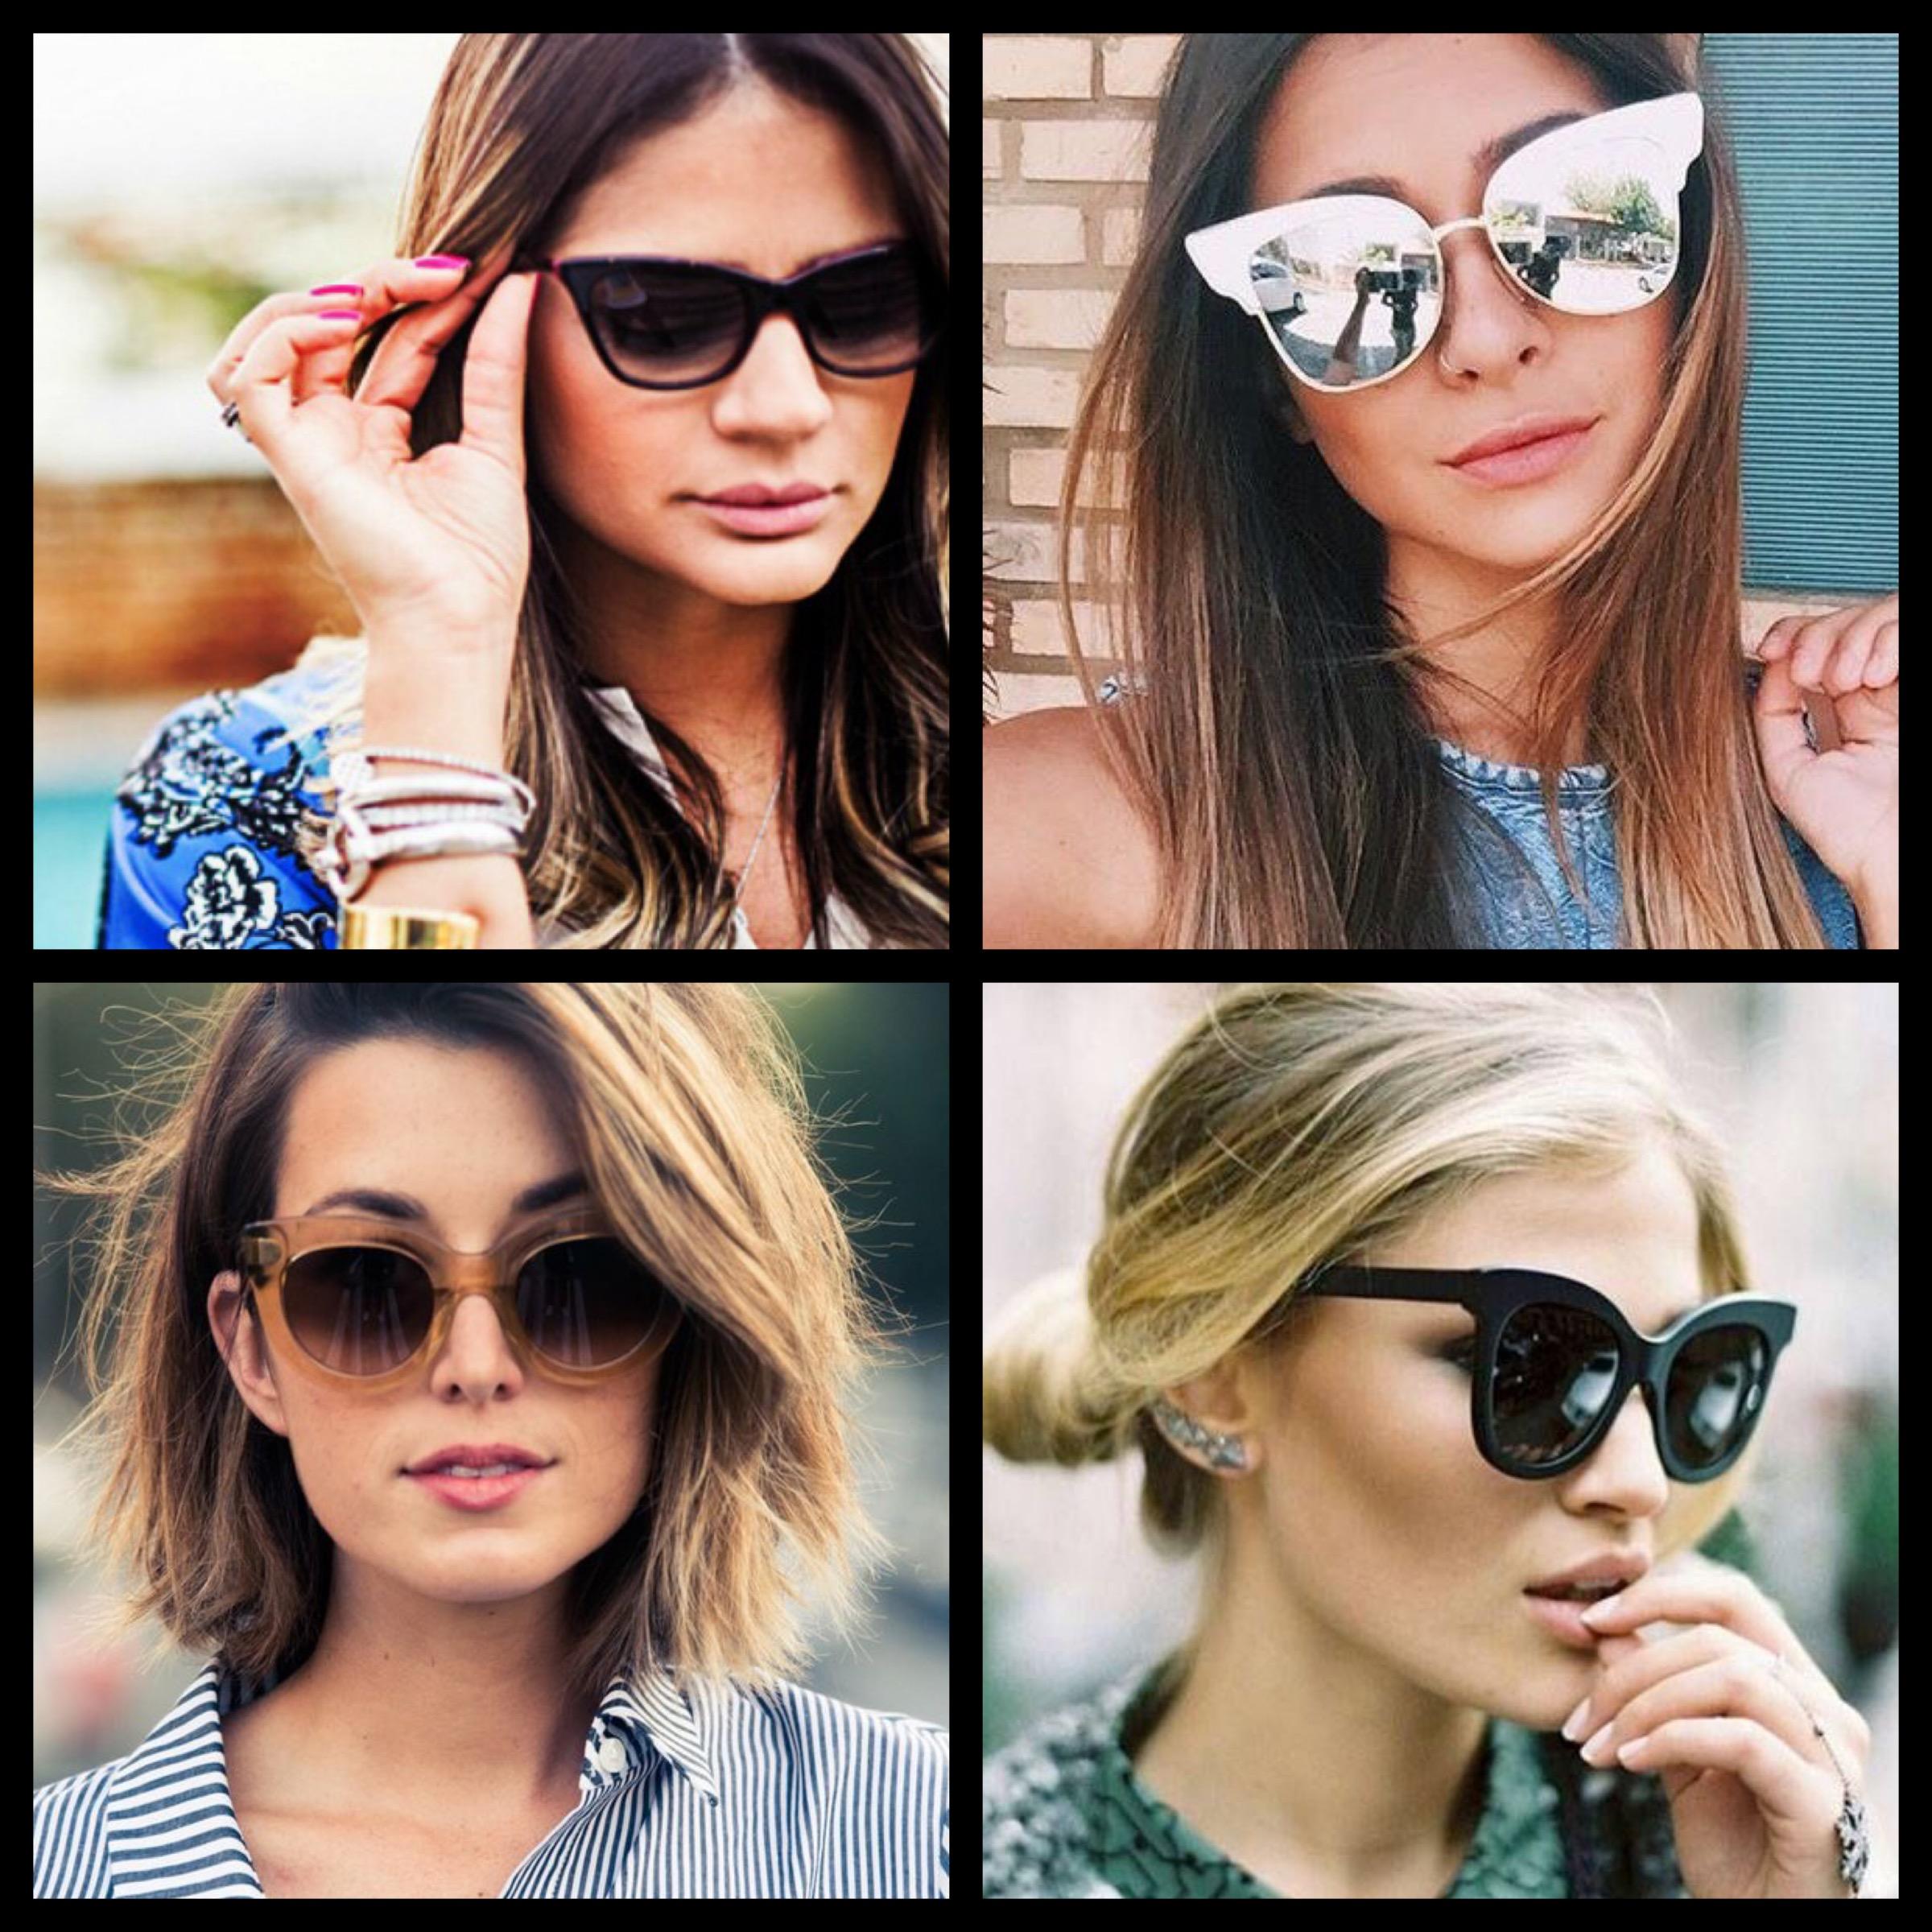 b279f7ccfc1d1 Descubra quais óculos de sol serão tendência em 2016